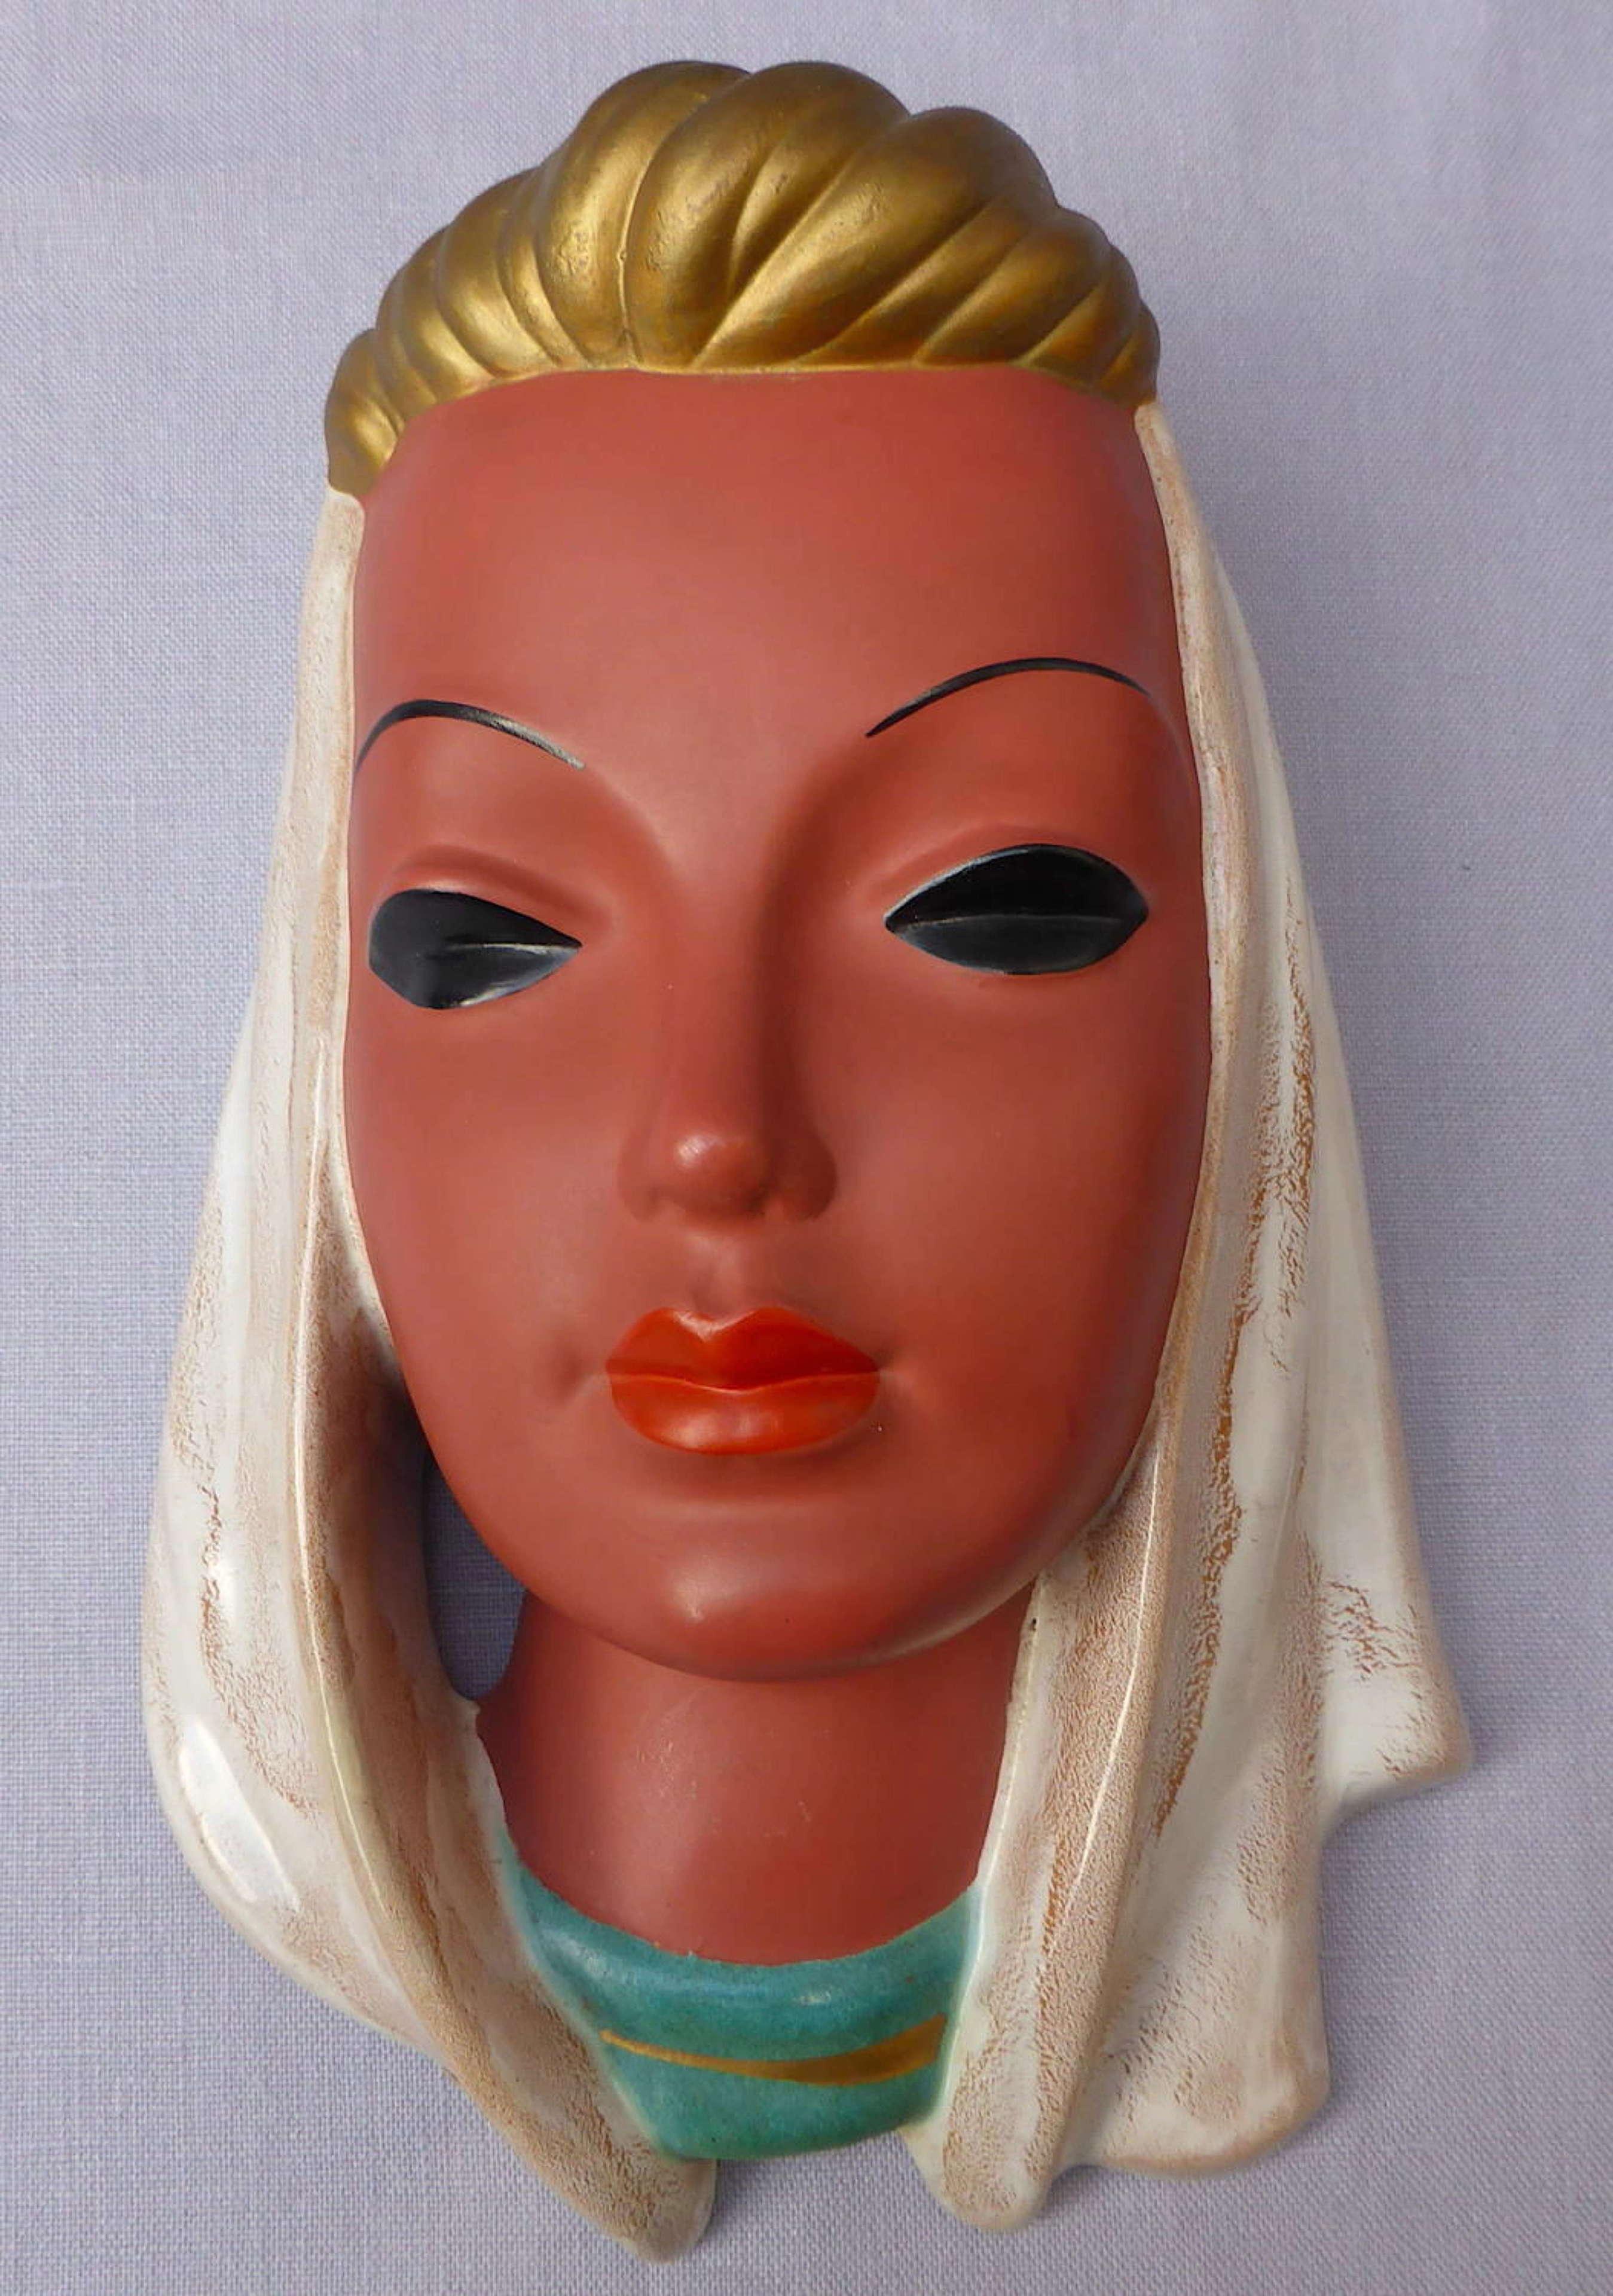 1950s Goldscheider ceramic wall mask by Adolf Prischl